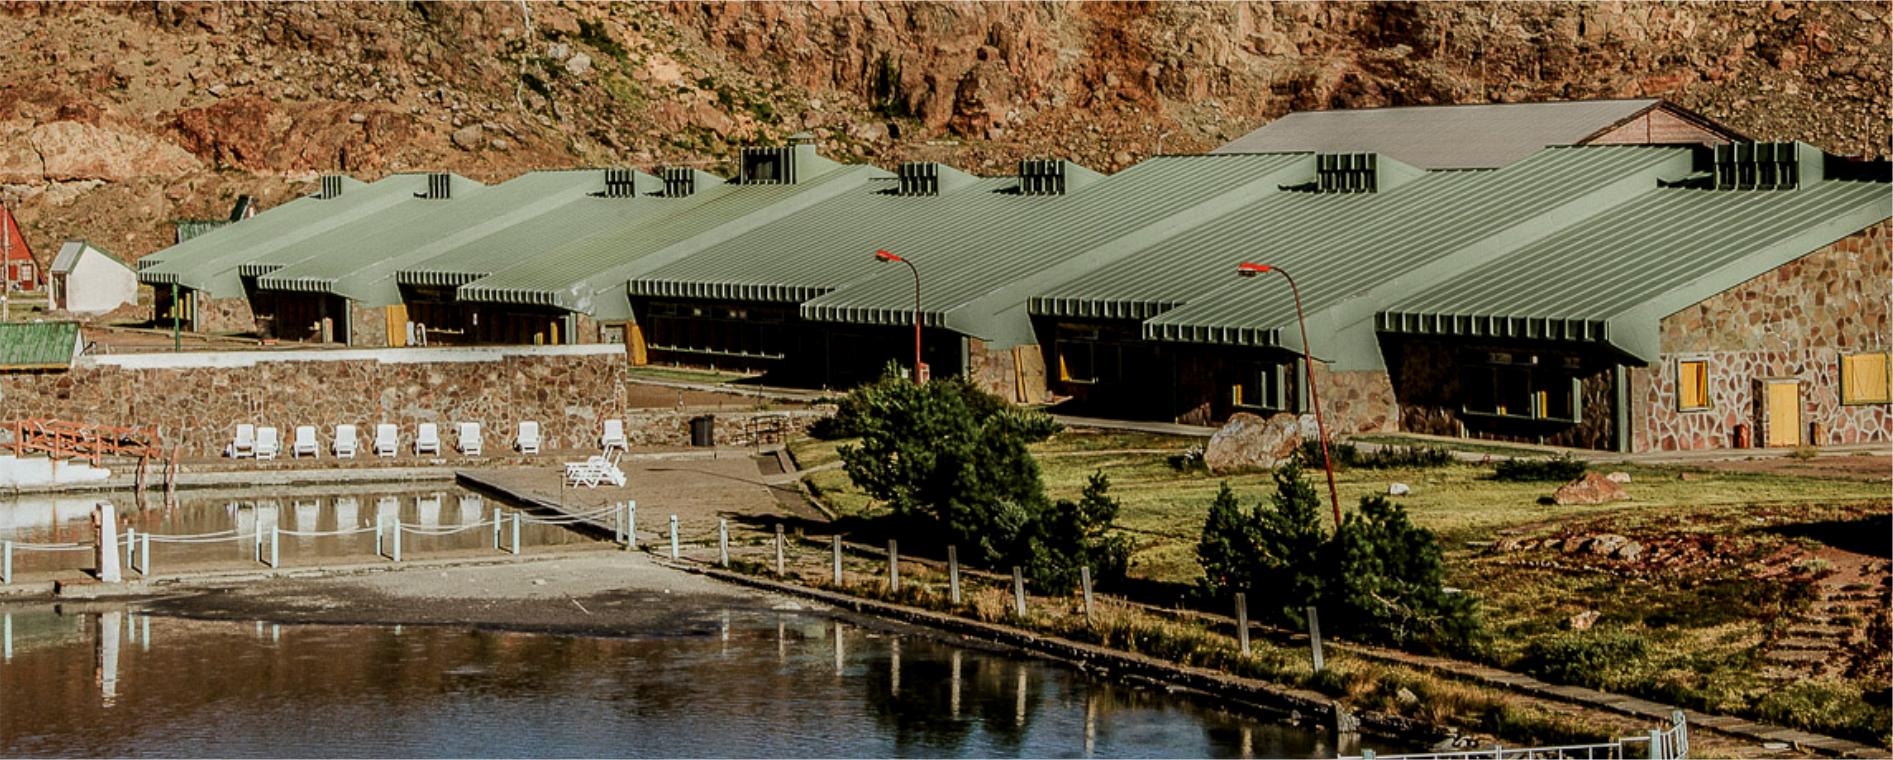 El ISSN suspende los servicios de hotelería para la temporada estival 2020-2021.